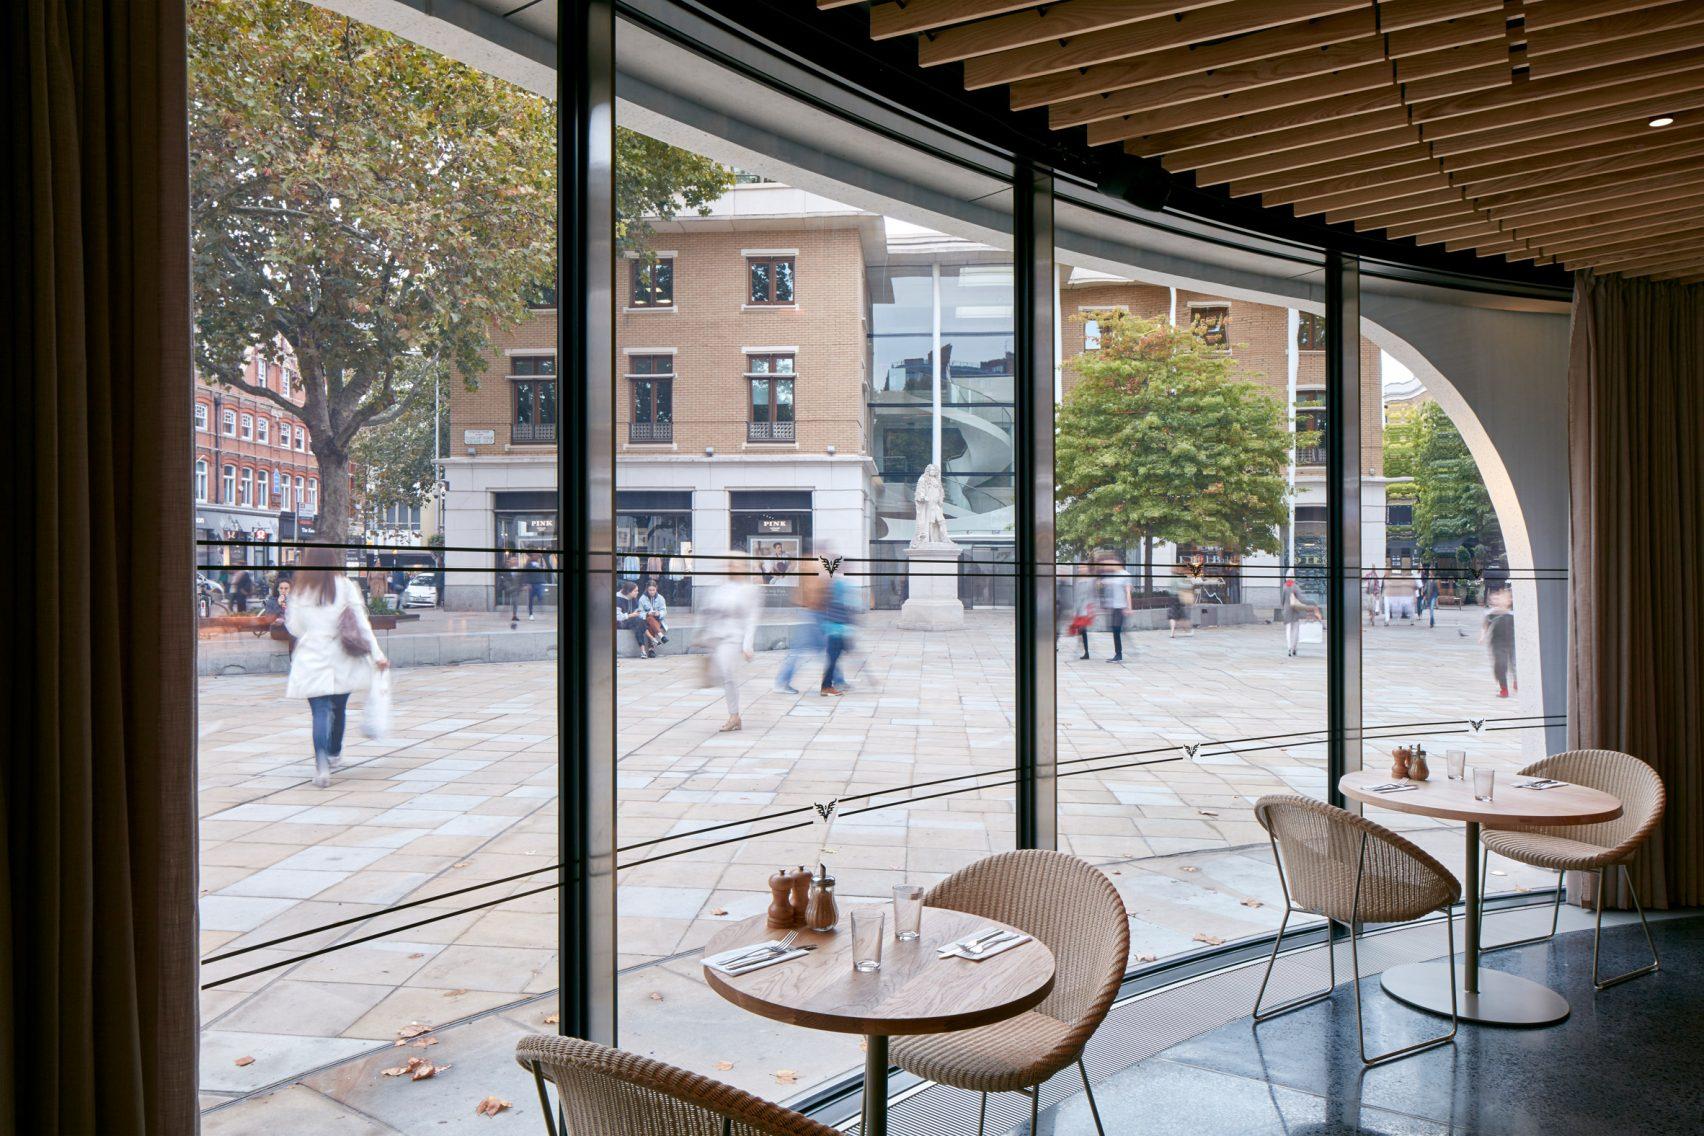 貝のようなカフェ店舗は内と外をカーテンで仕切ることで視覚で風を感じる